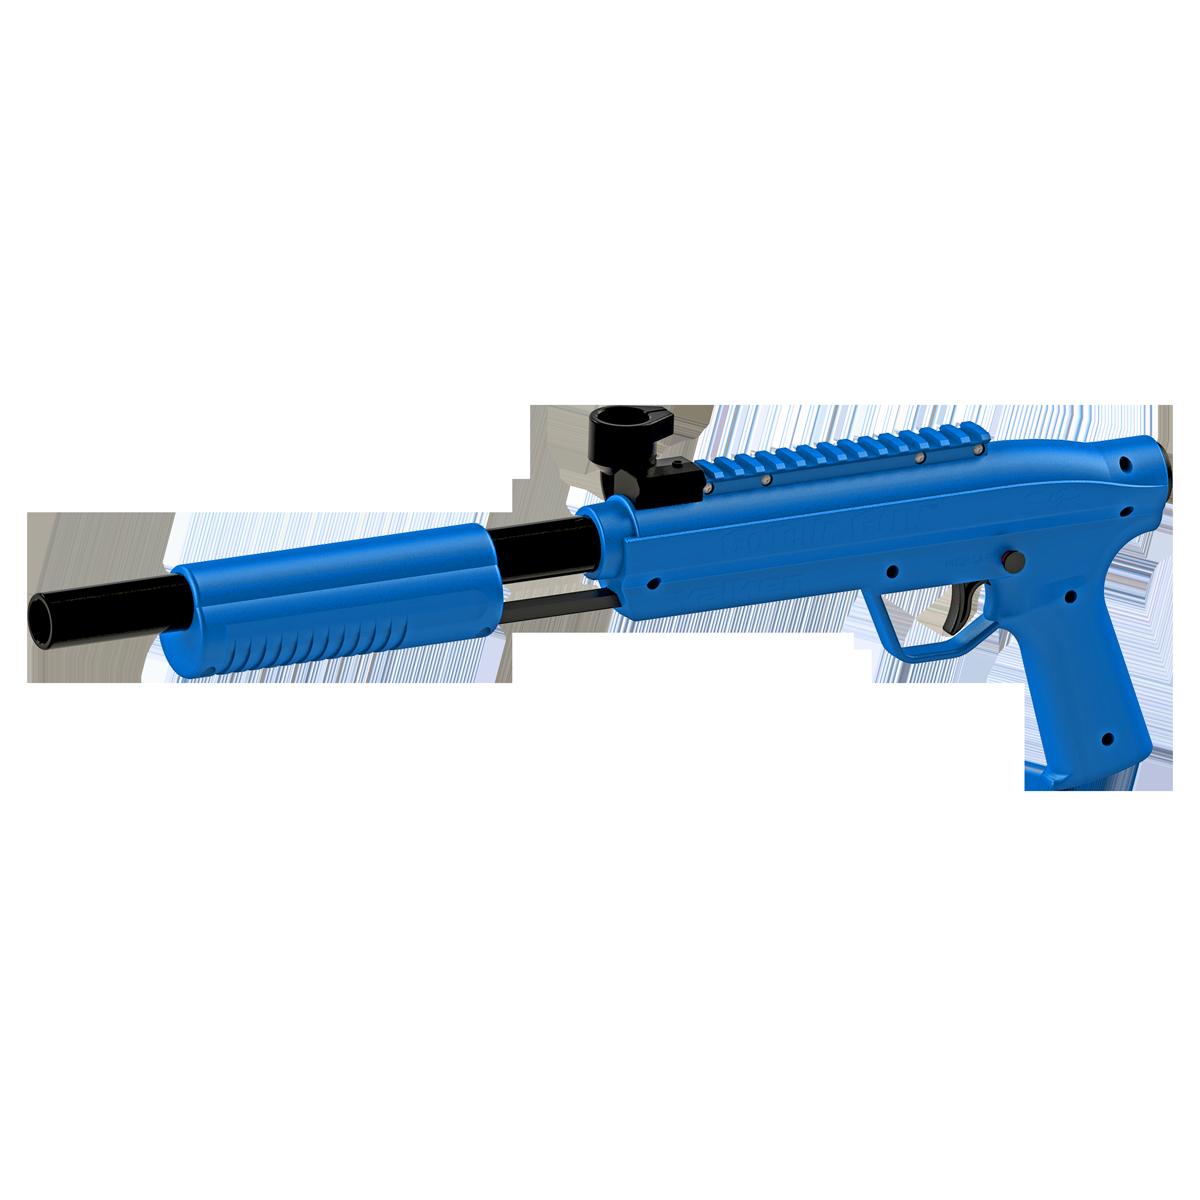 valken-gotcha-gun-blue_2048x2048.png